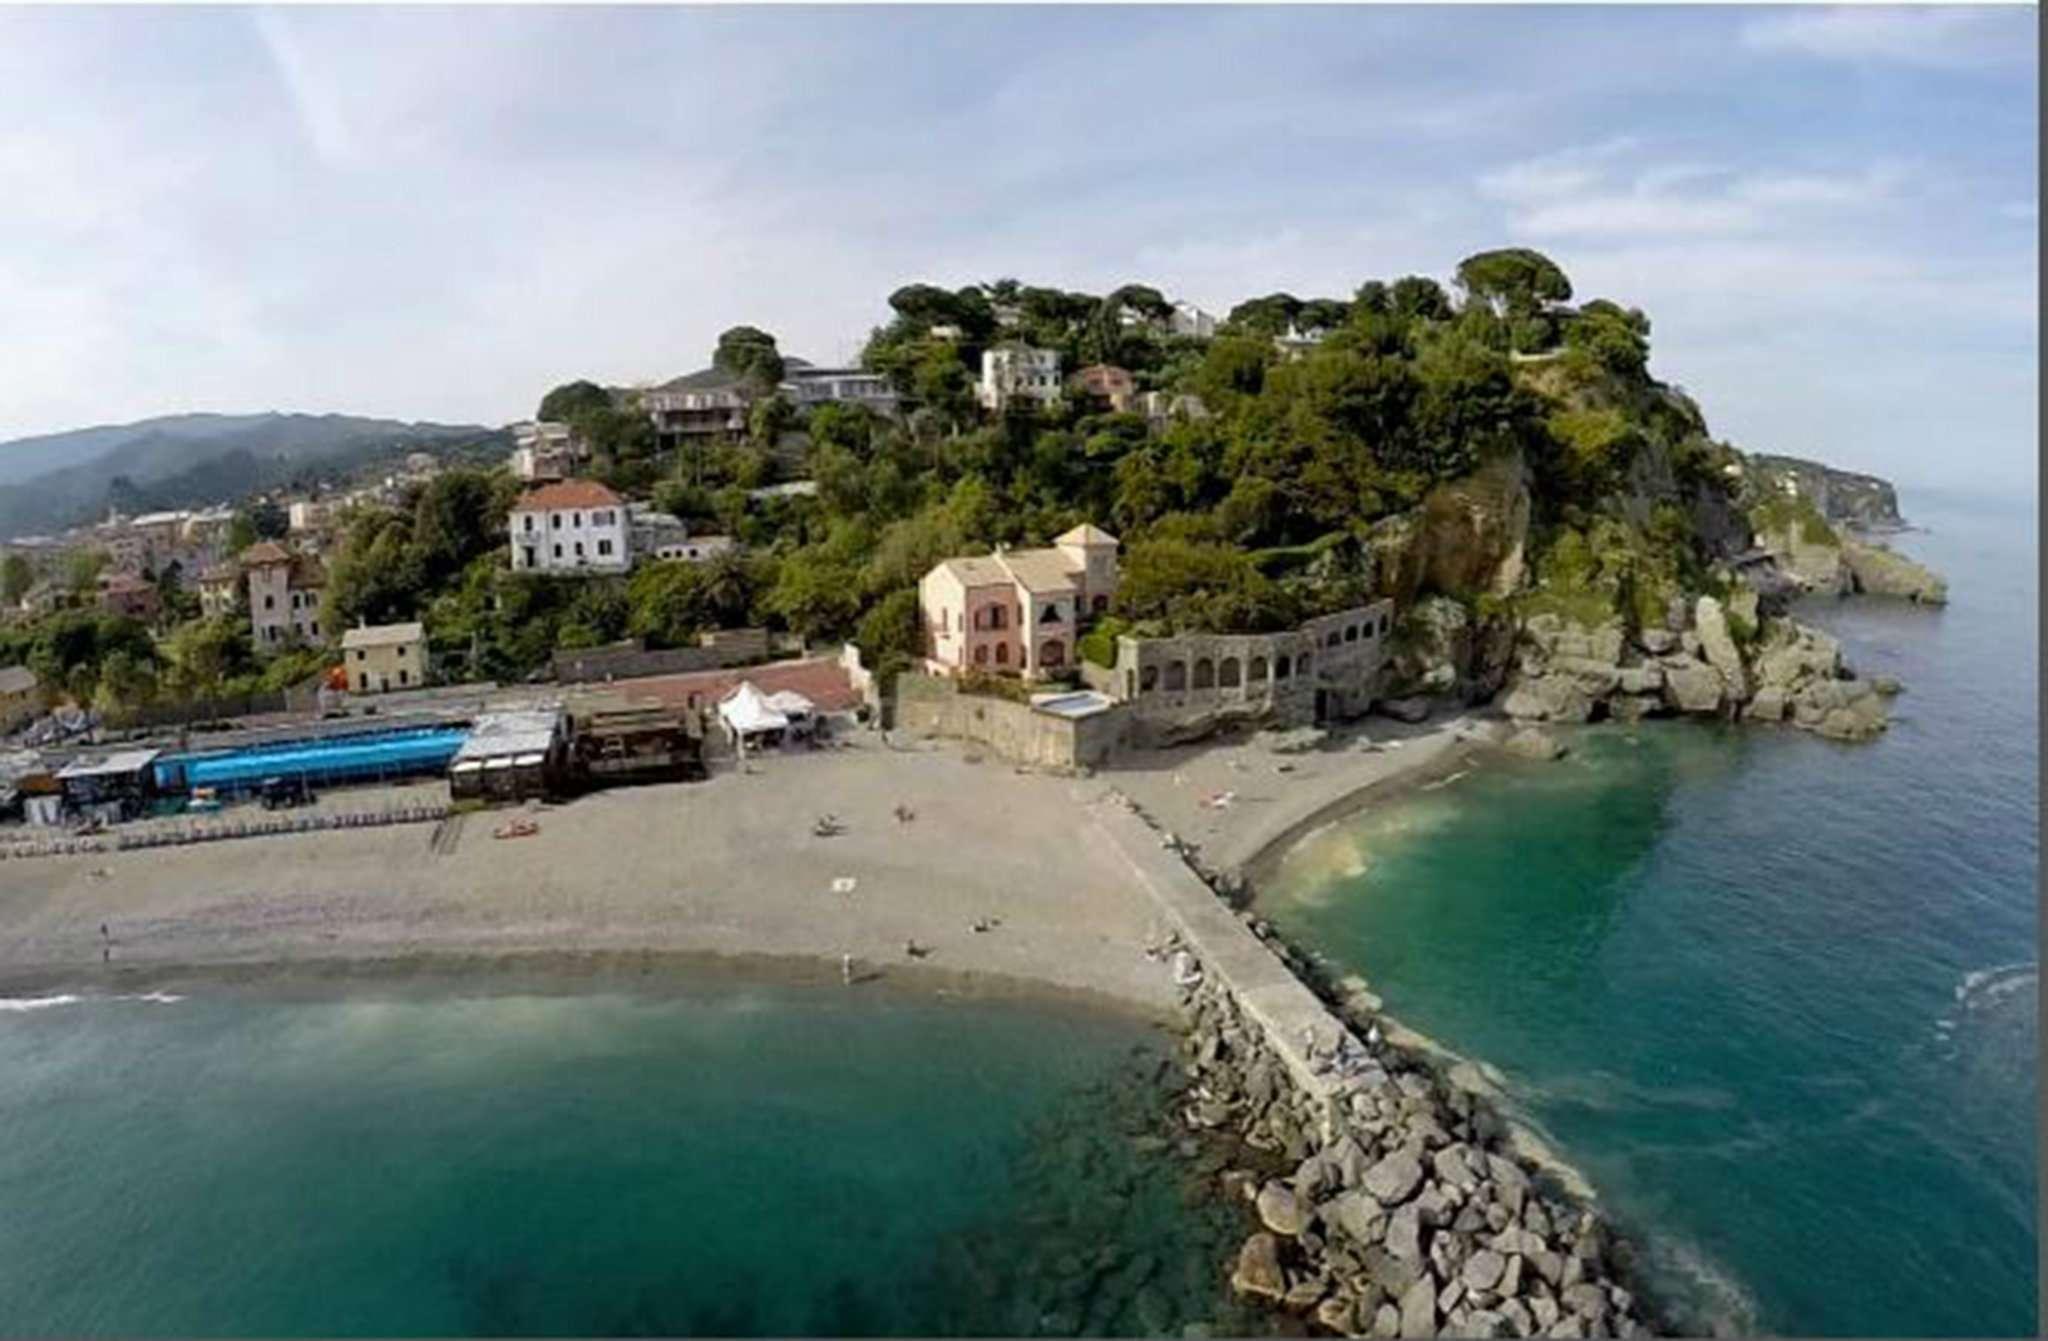 Appartamento in vendita a Albisola Superiore, 5 locali, prezzo € 630.000 | PortaleAgenzieImmobiliari.it